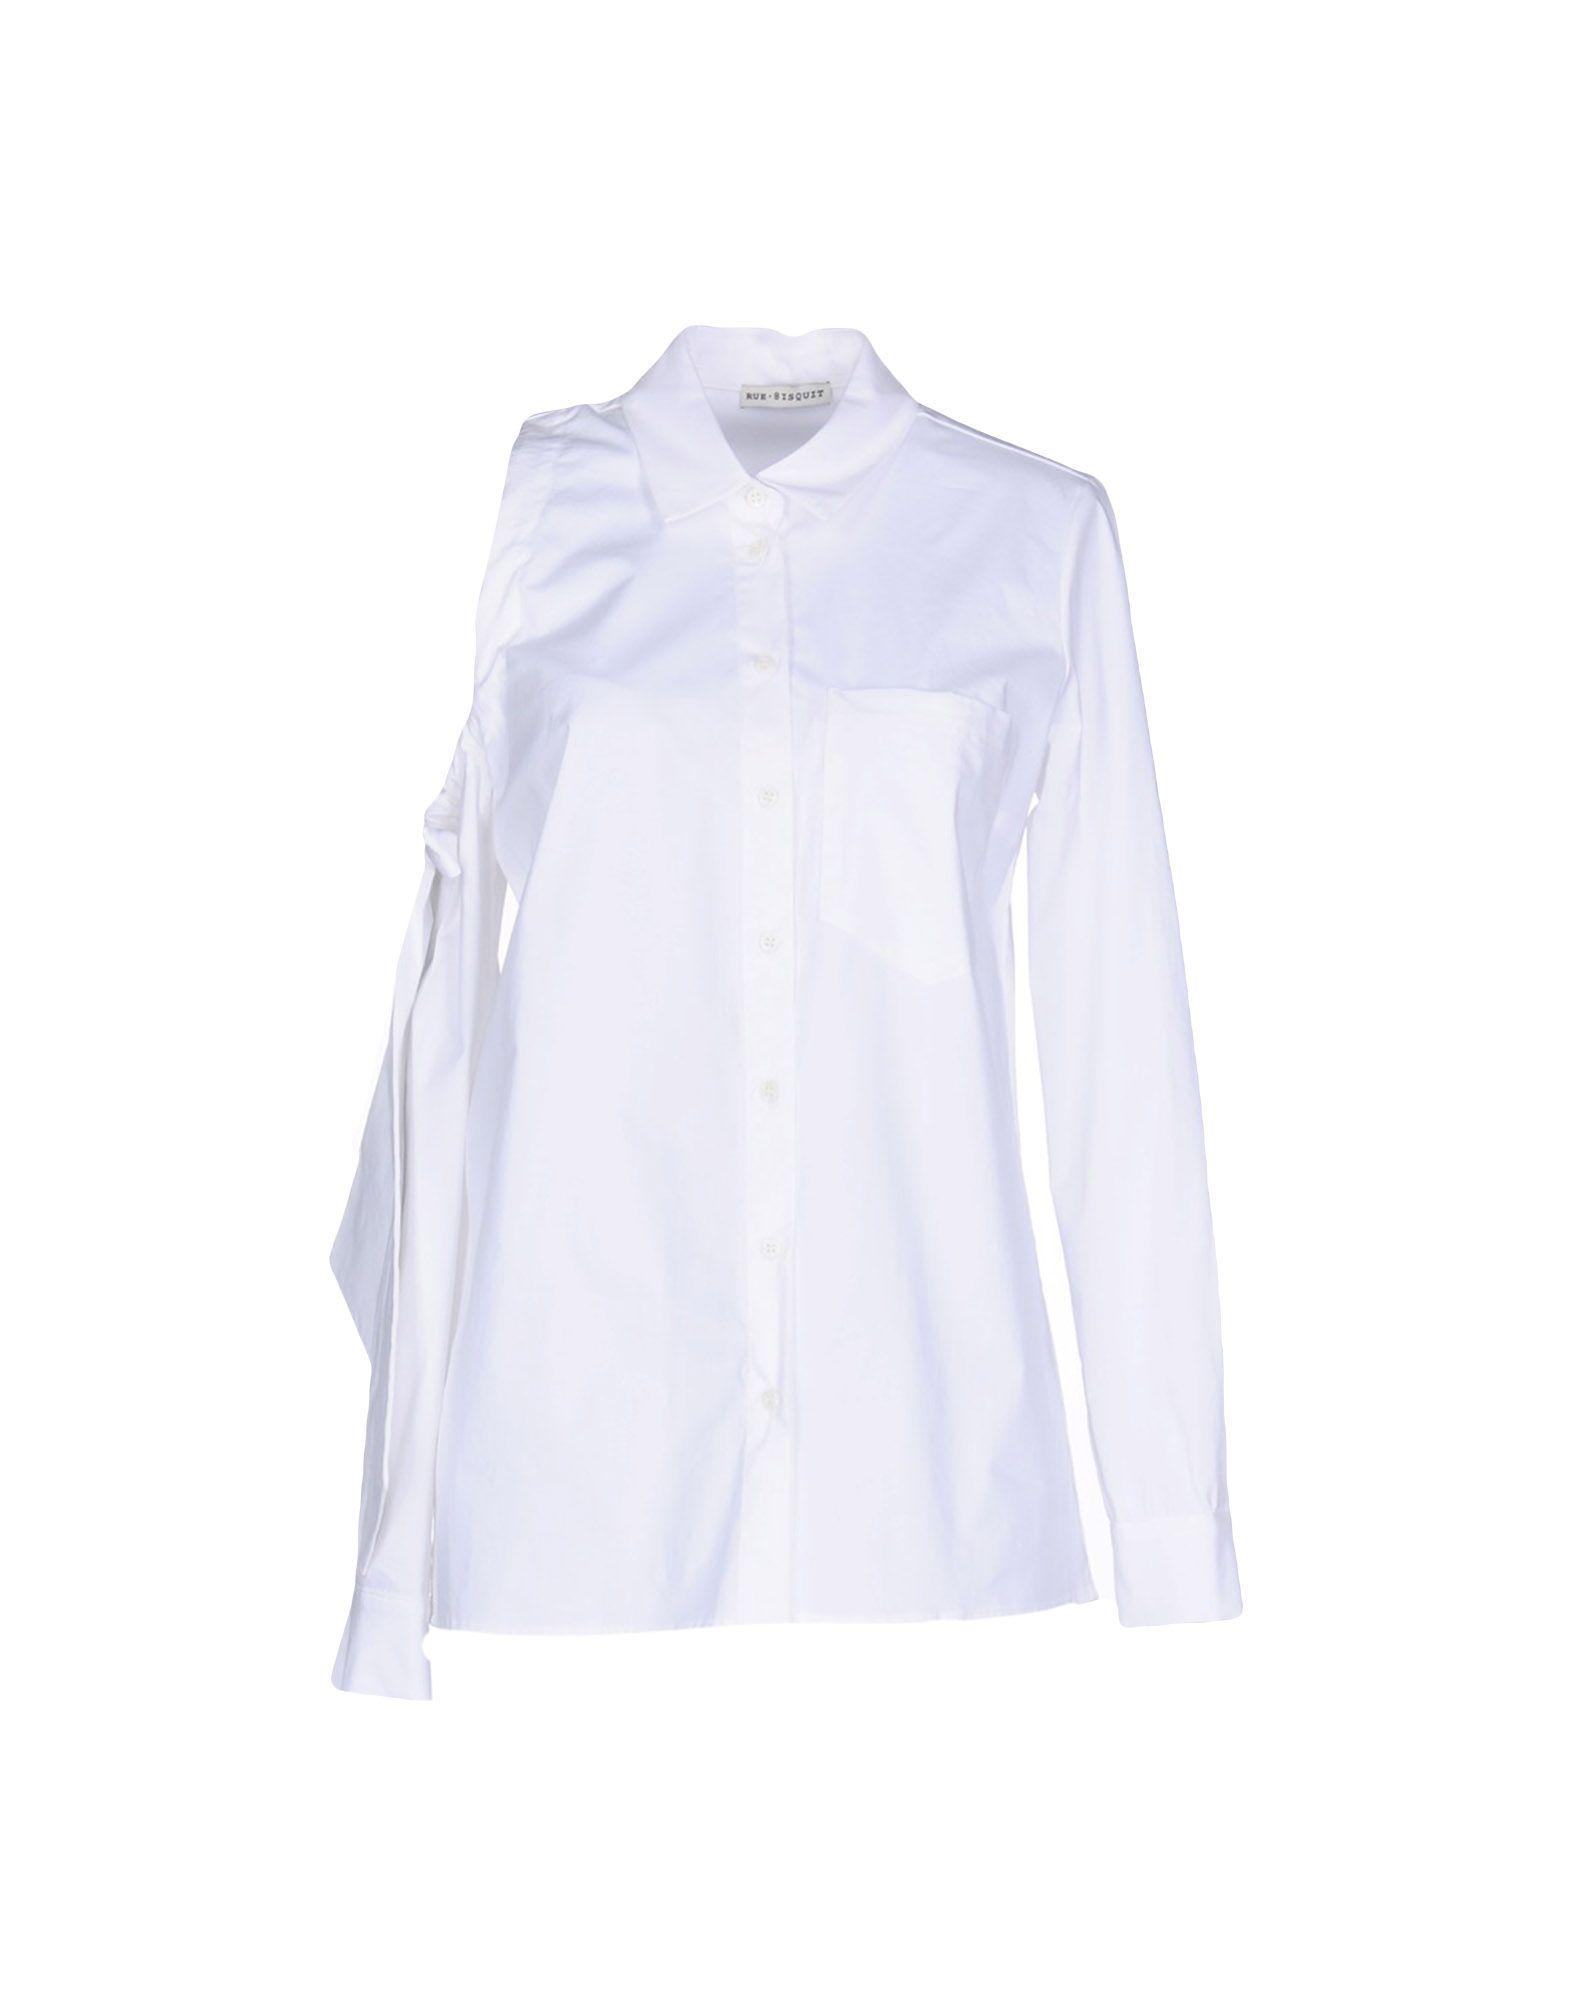 RUE•8ISQUIT Chemises et chemisiers de couleur unie